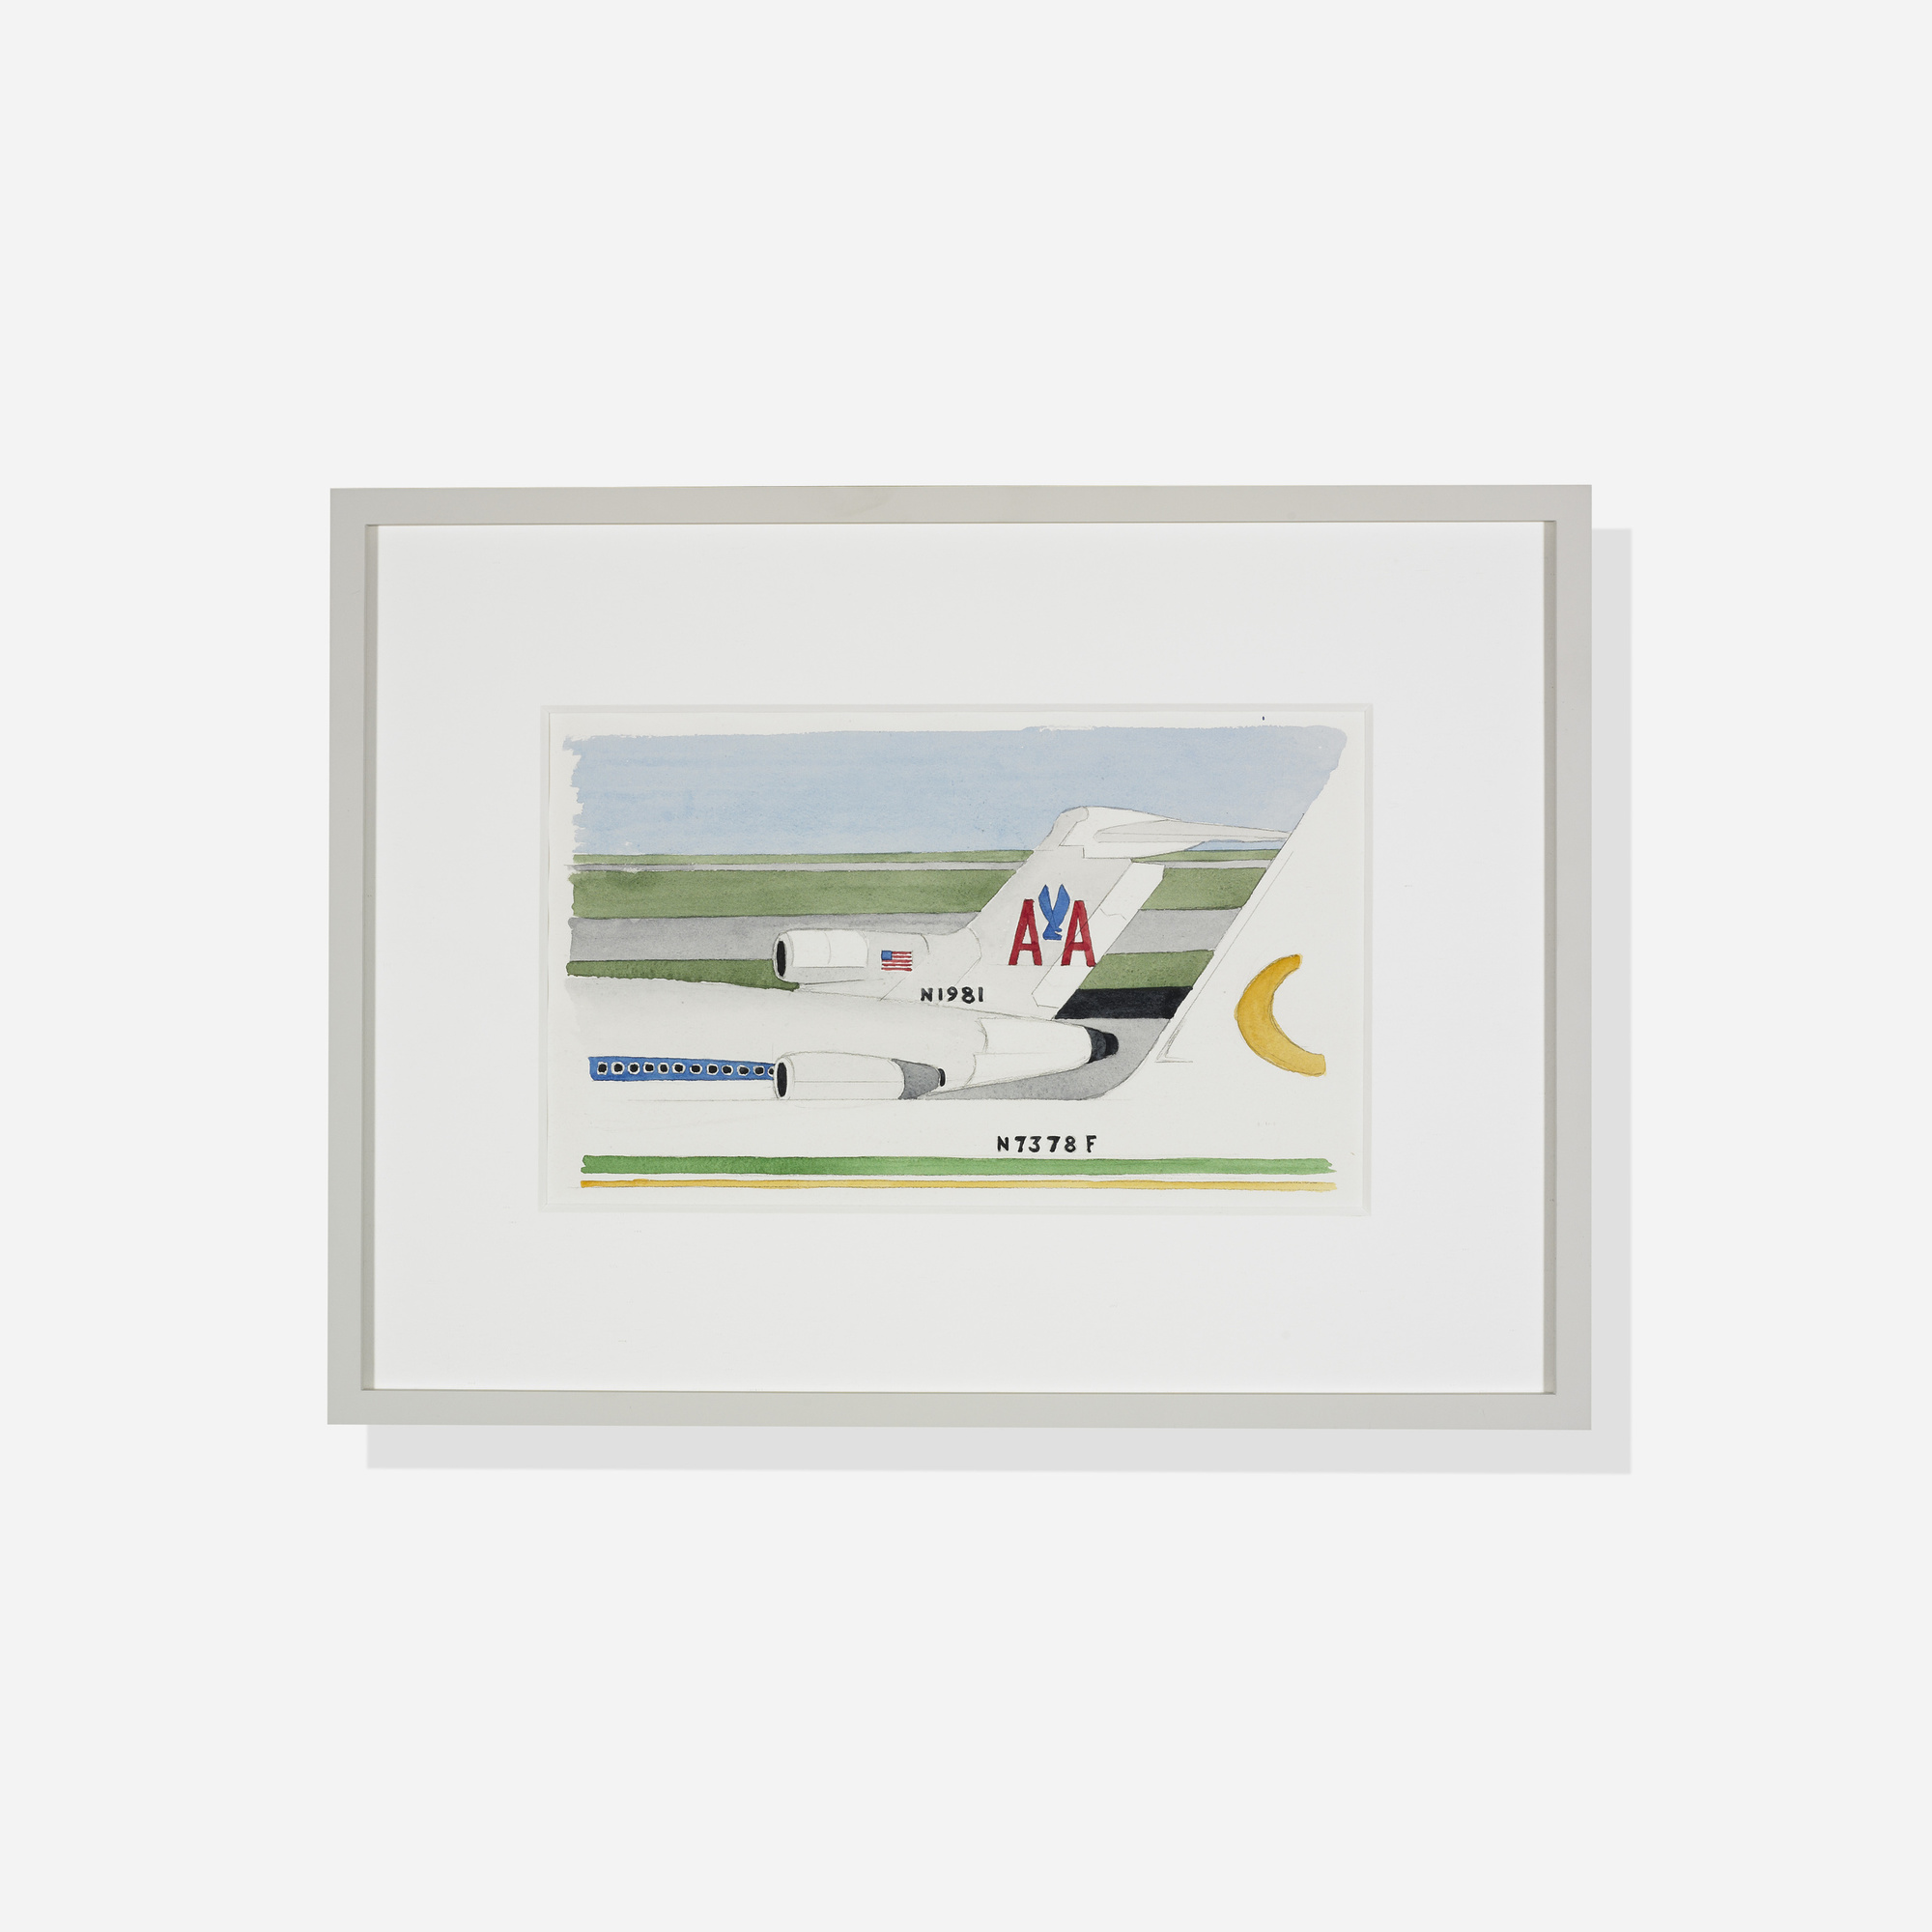 277: Robert Herrmann / American Airlines St. Louis (1 of 1)